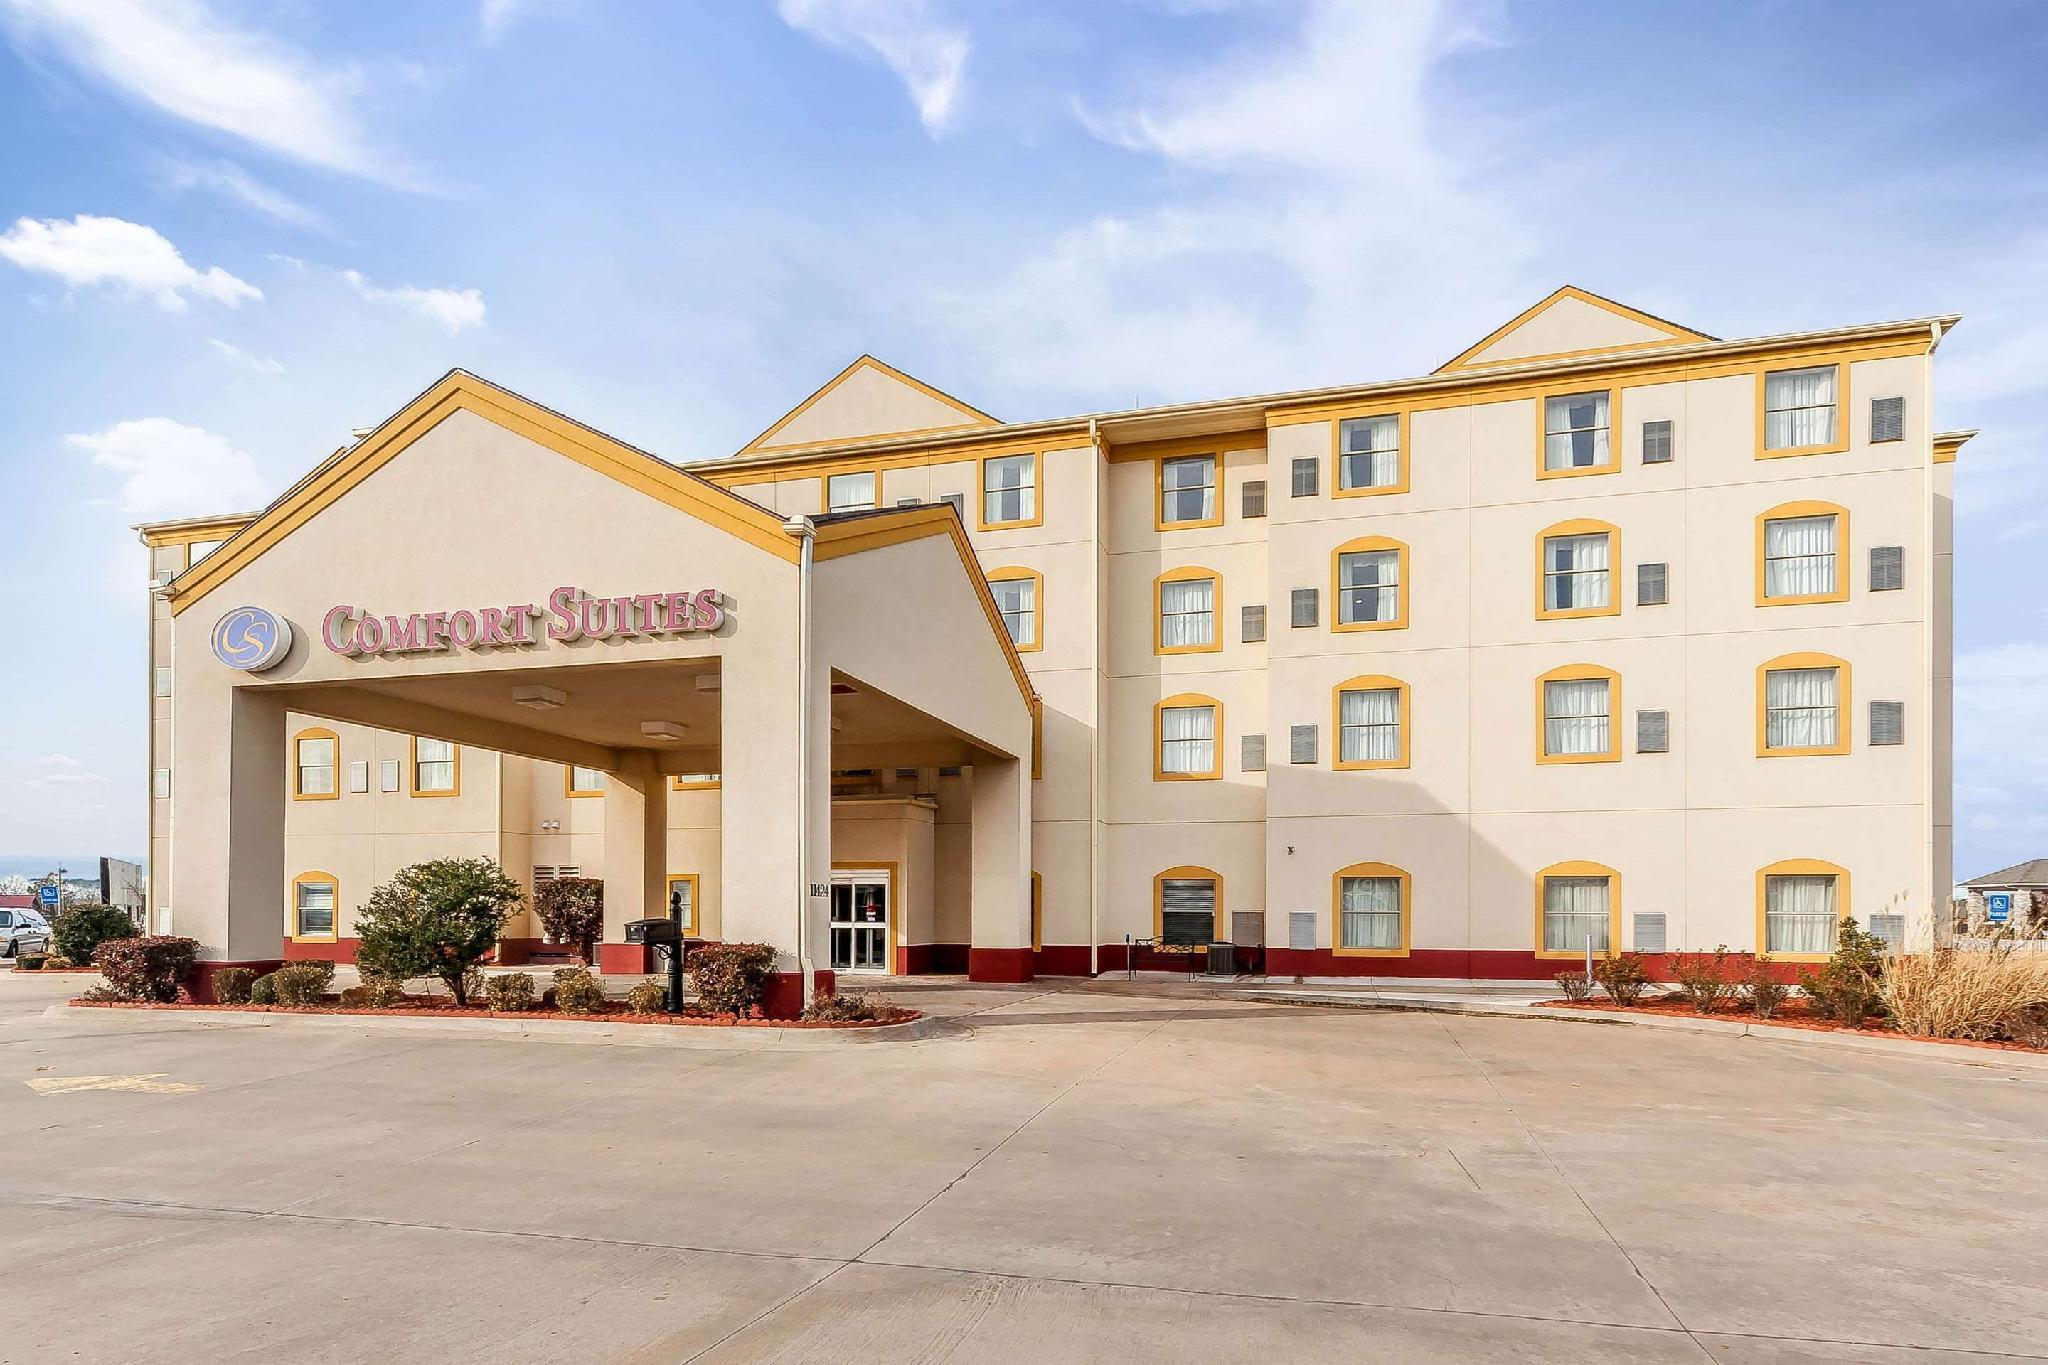 Comfort Suites Yukon - SW Oklahoma City Yukon